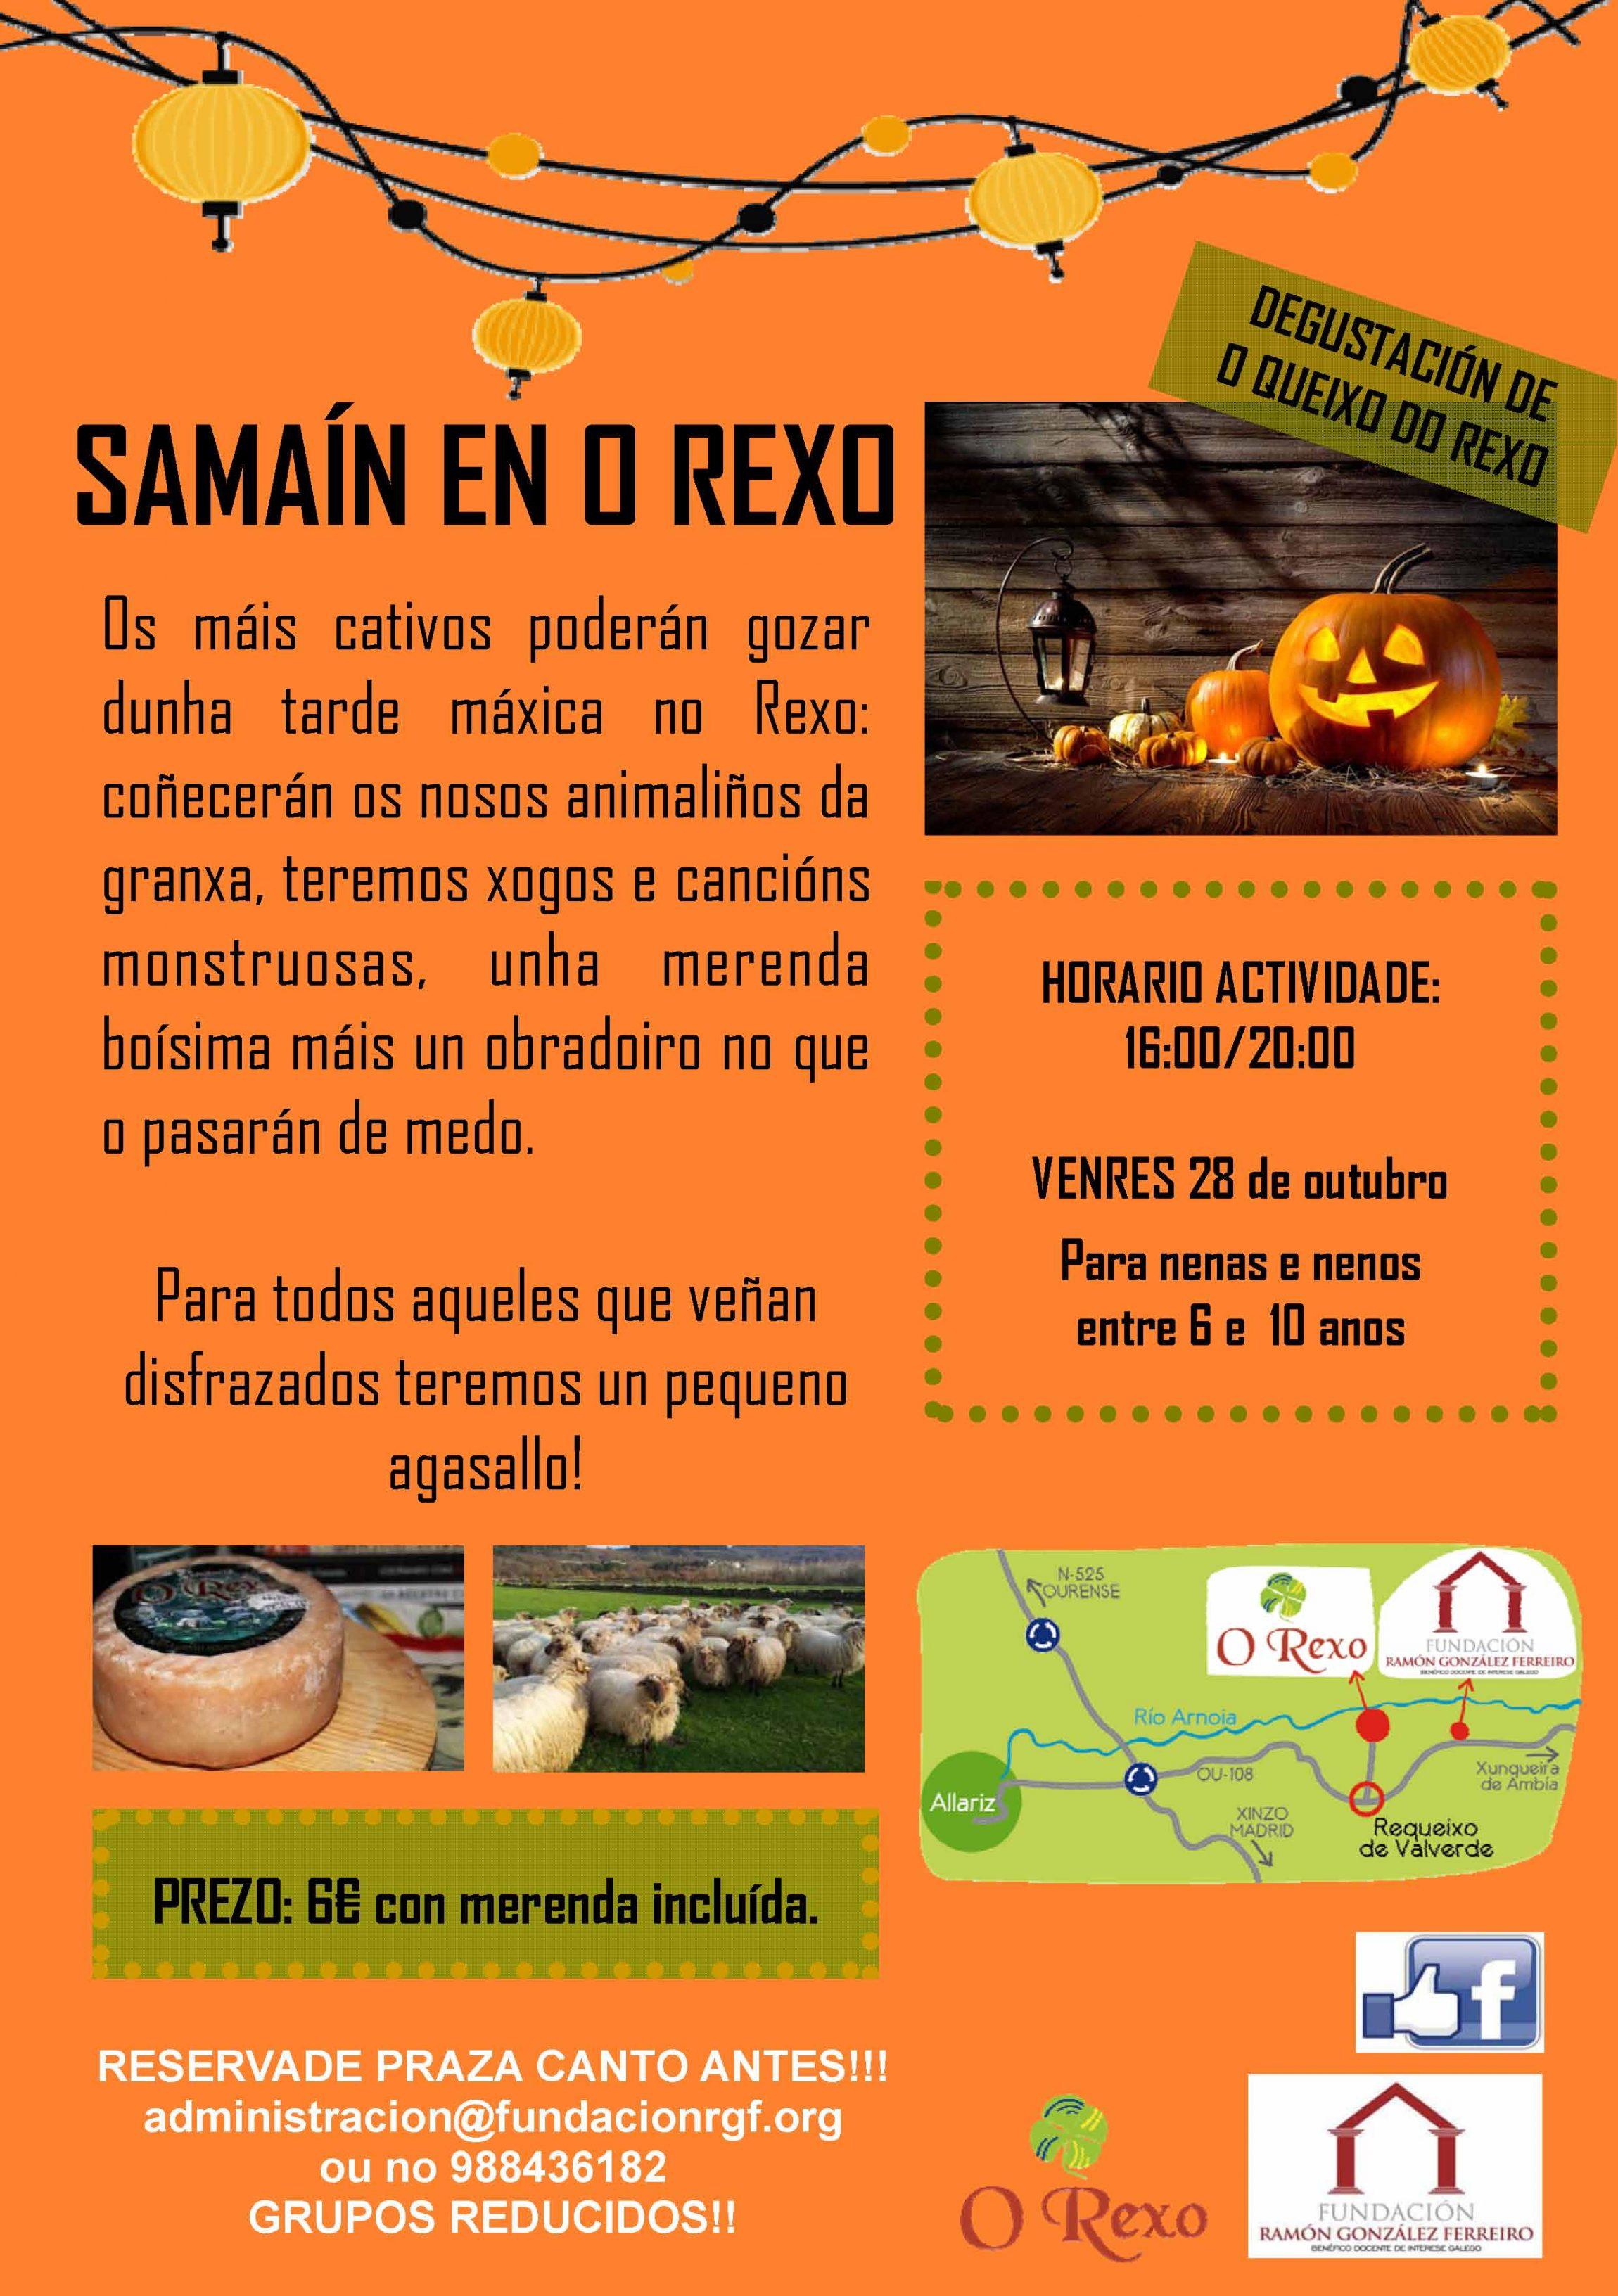 SAMAIN NO REXO